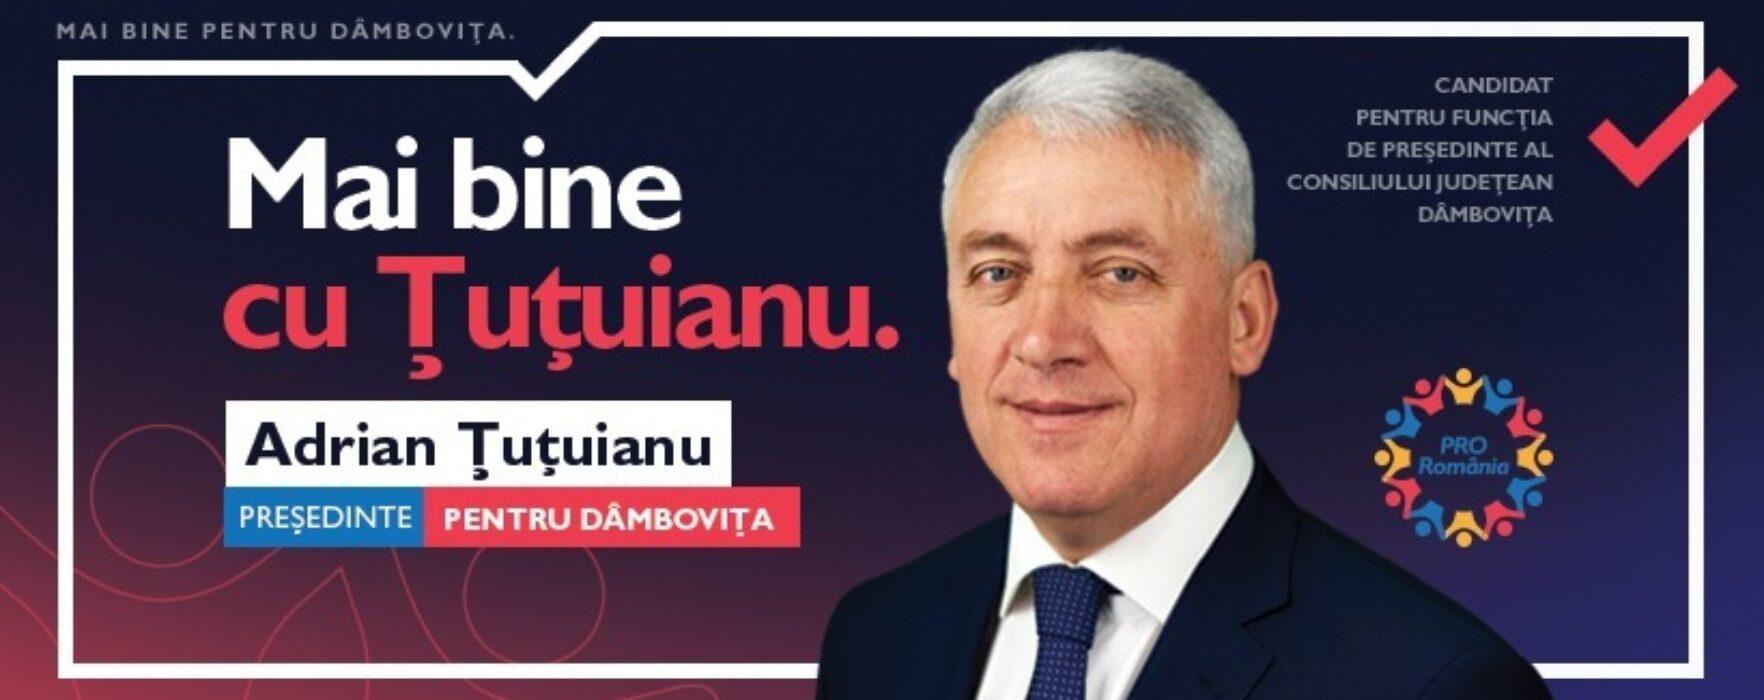 Locale2020 Adrian Ţuţuianu, Pro România: Am discutat cu oamenii din judeţ, am mers pe jos aproape distanţa Bucureşti-Bruxelles